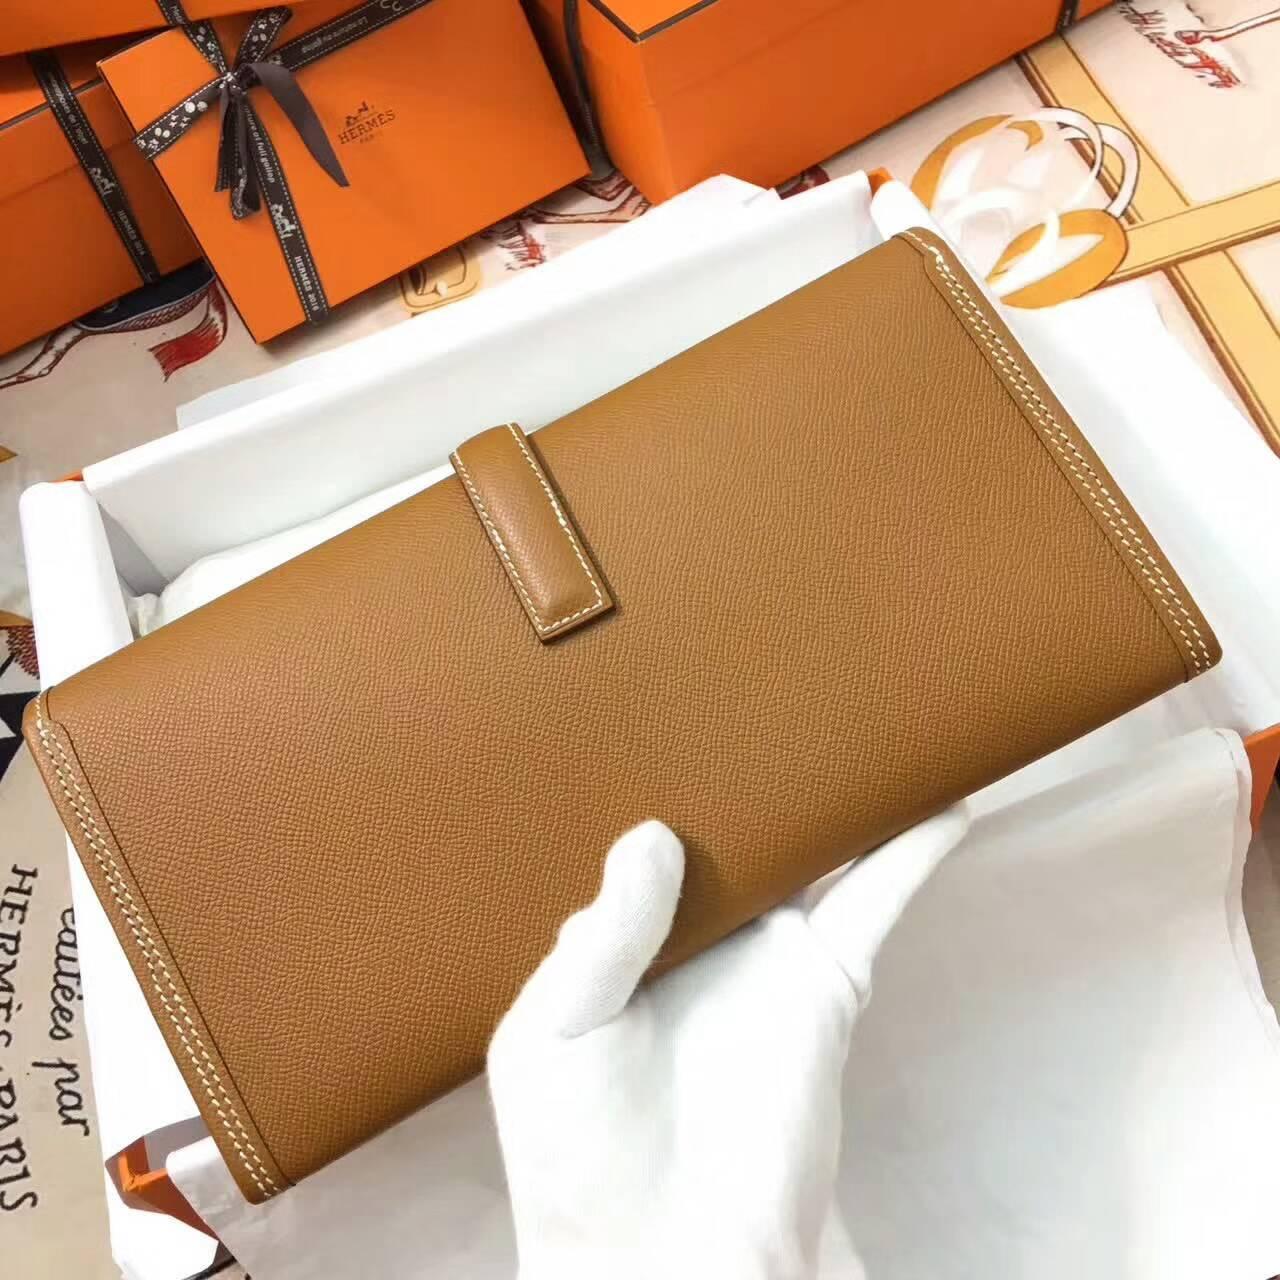 爱马仕钱包 Jige Elan 29cm Epsom 法国原产掌纹皮 37 Gold 金棕